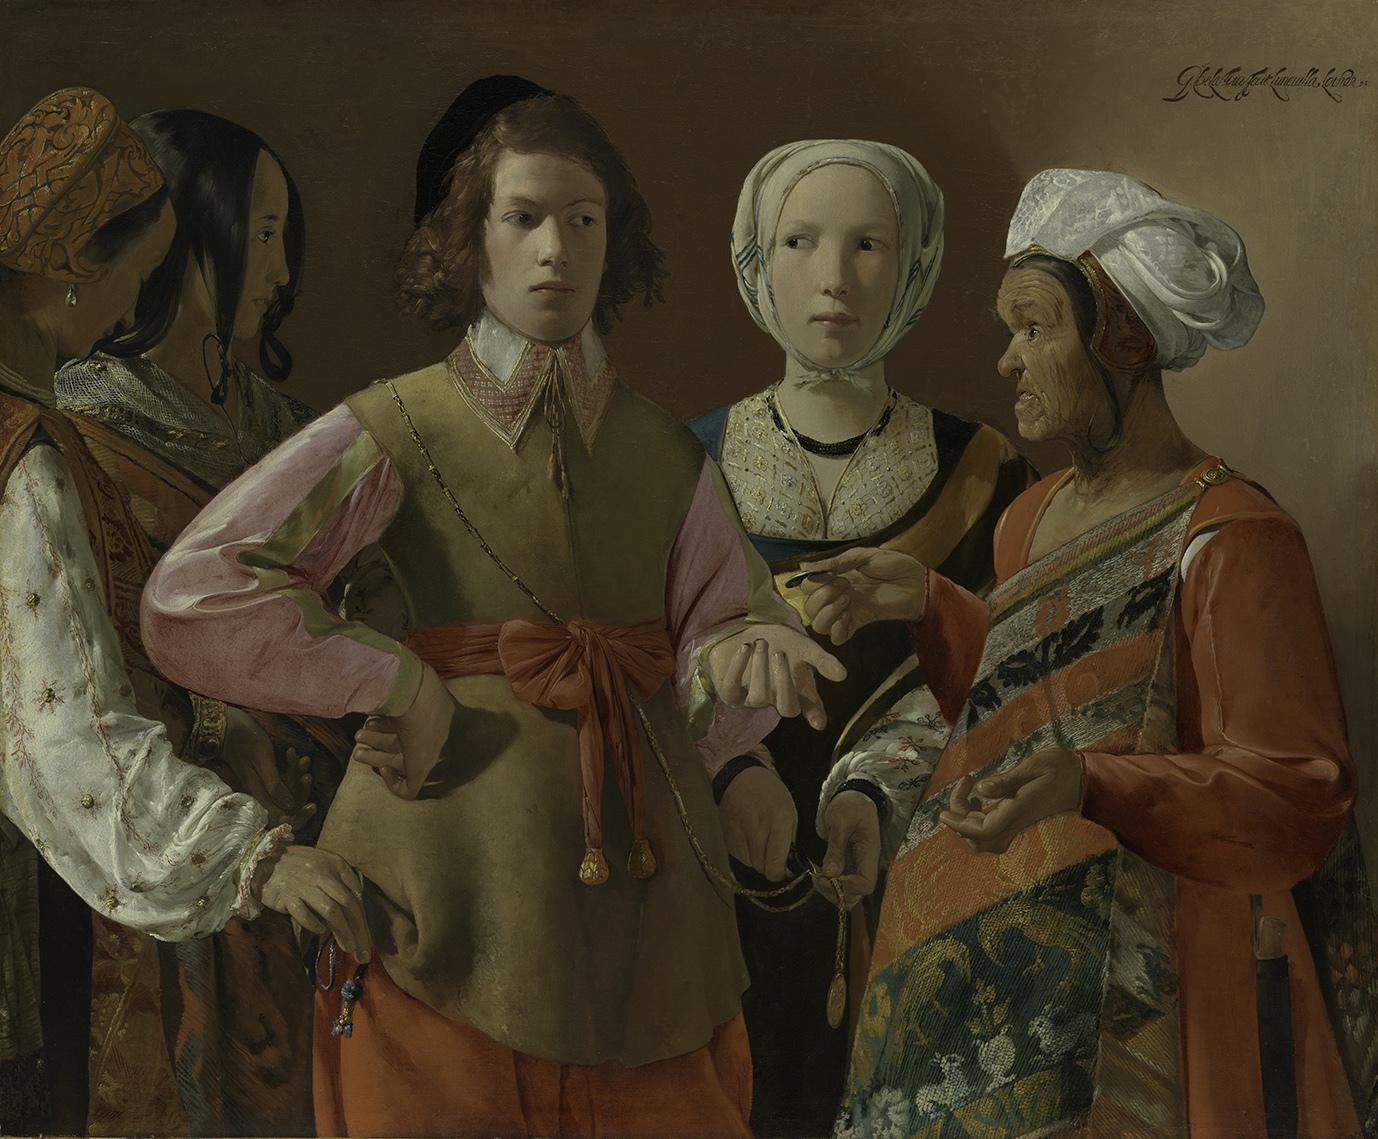 ジョルジュ・ド・ラ・トゥール《女占い師》おそらく1630年代 油彩、カンヴァス 101.9x123.5cm メトロポリタン美術館  Lent by The Metropolitan Museum of Art, Rogers Fund, 1960